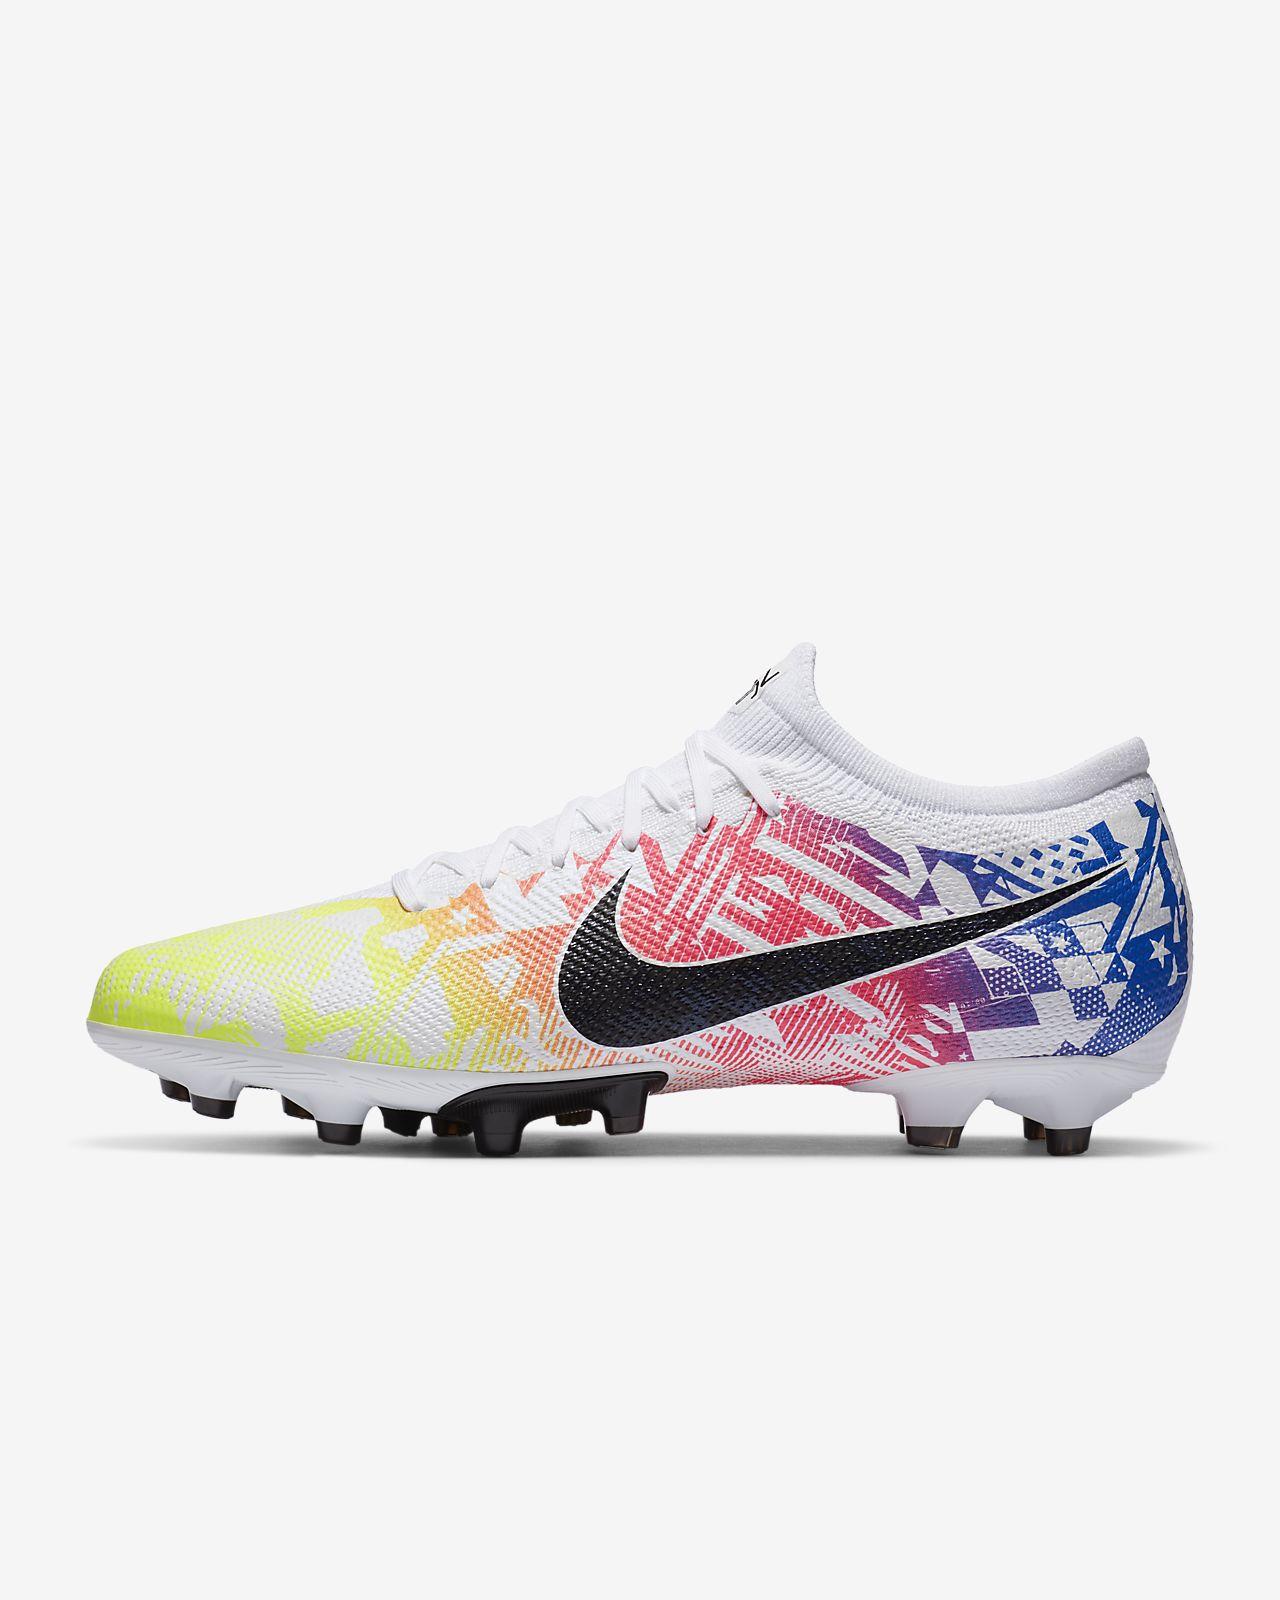 Nike Mercurial Vapor 13 Pro Neymar Jr. AG-PRO Artificial-Grass Football Boot